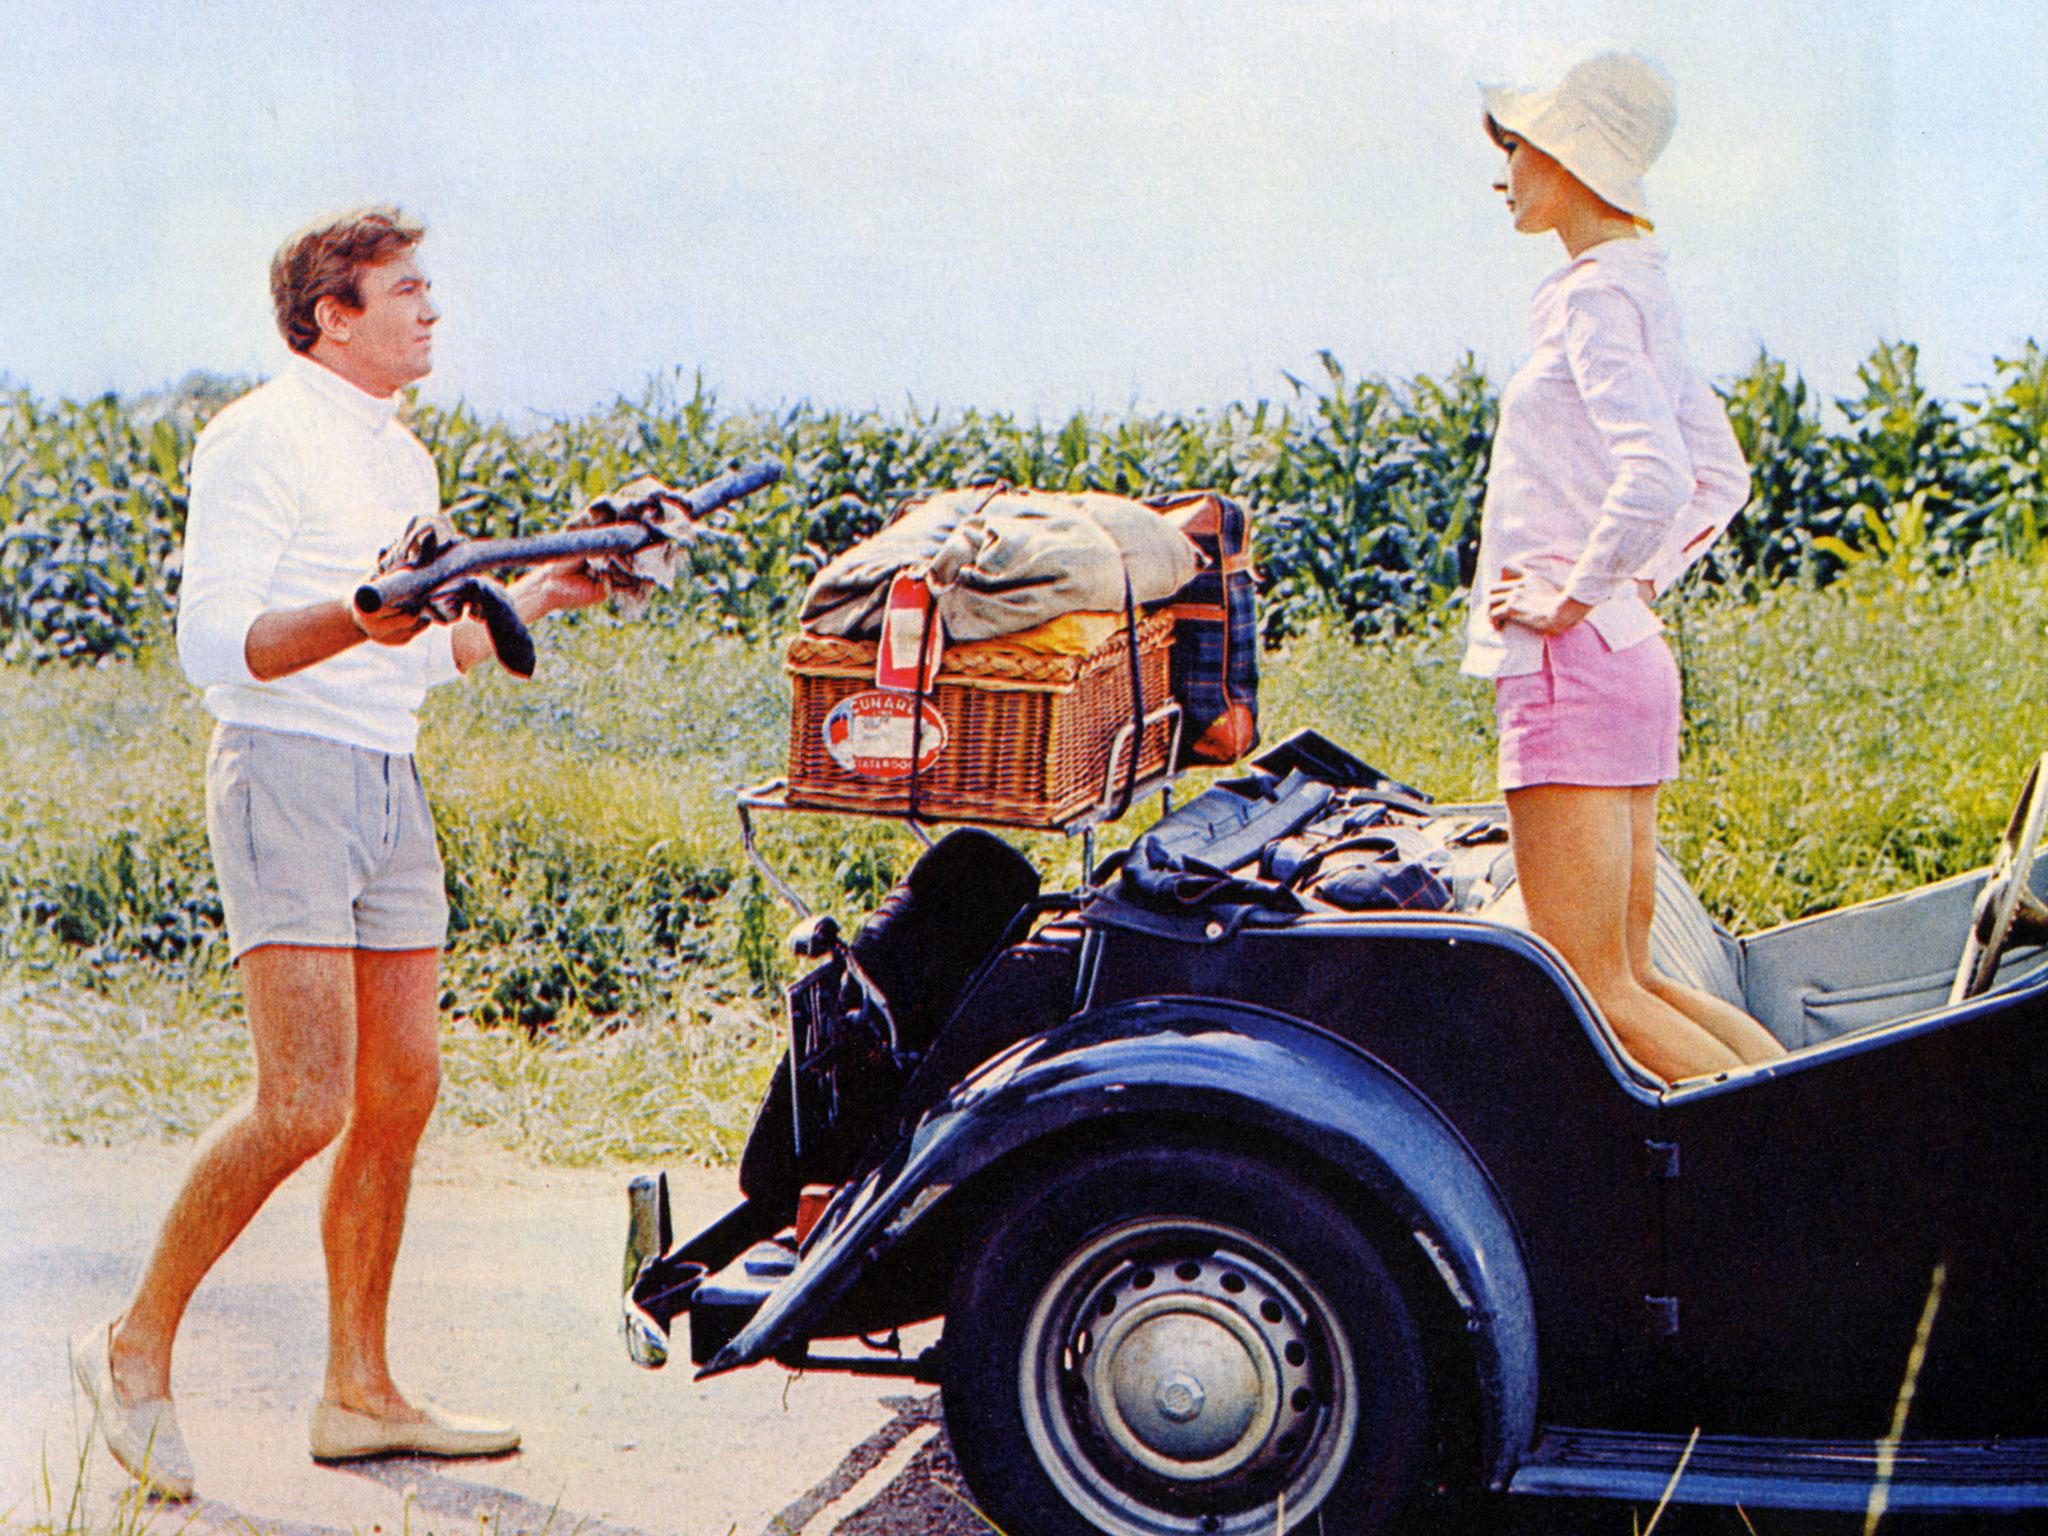 Voyage à deux, réalisé par Stanley Donen (1967) © Action Cinémas / Théâtre du Temple